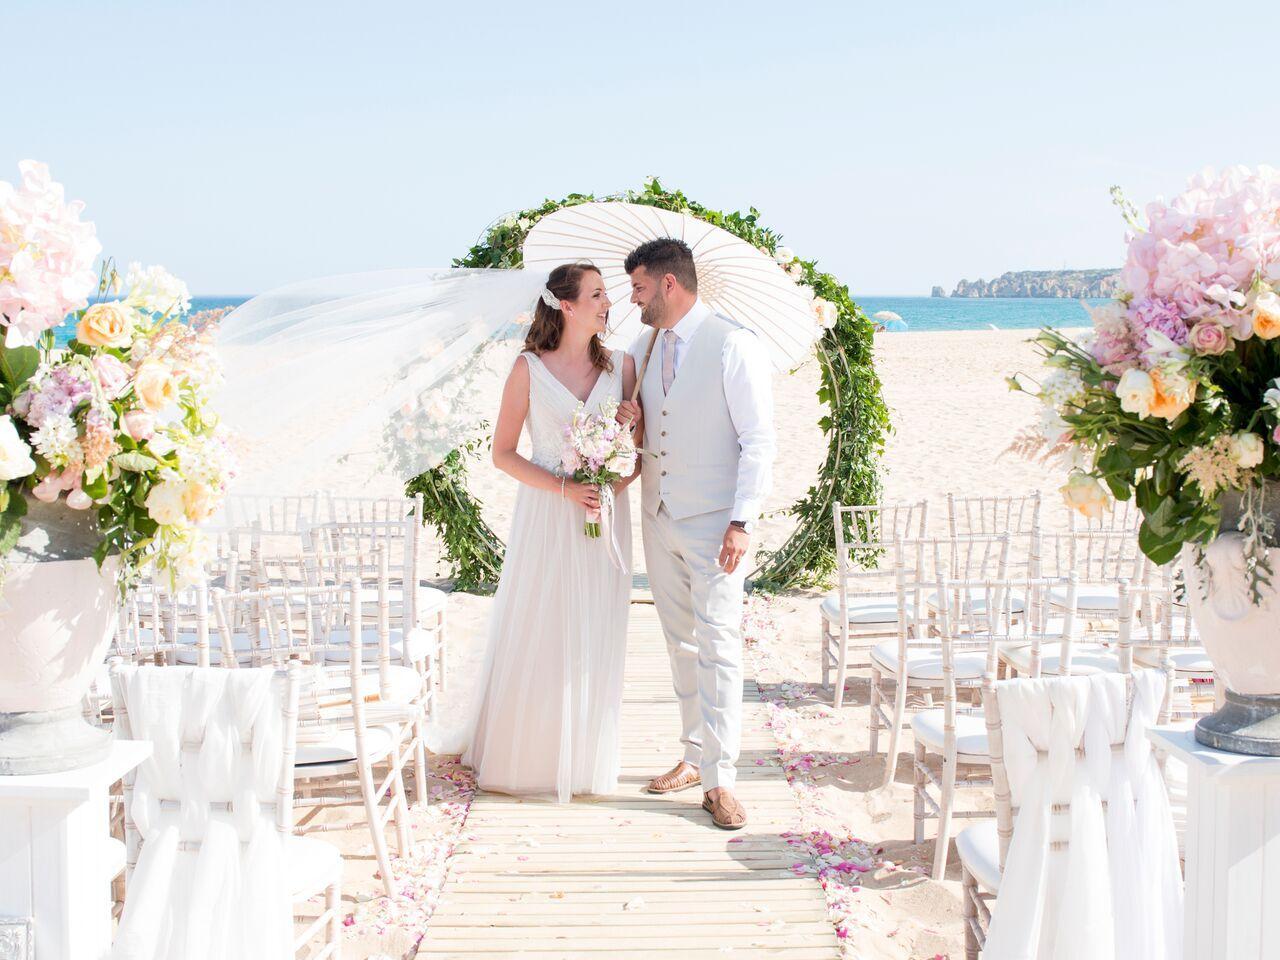 wedding in Algarve, Portugal